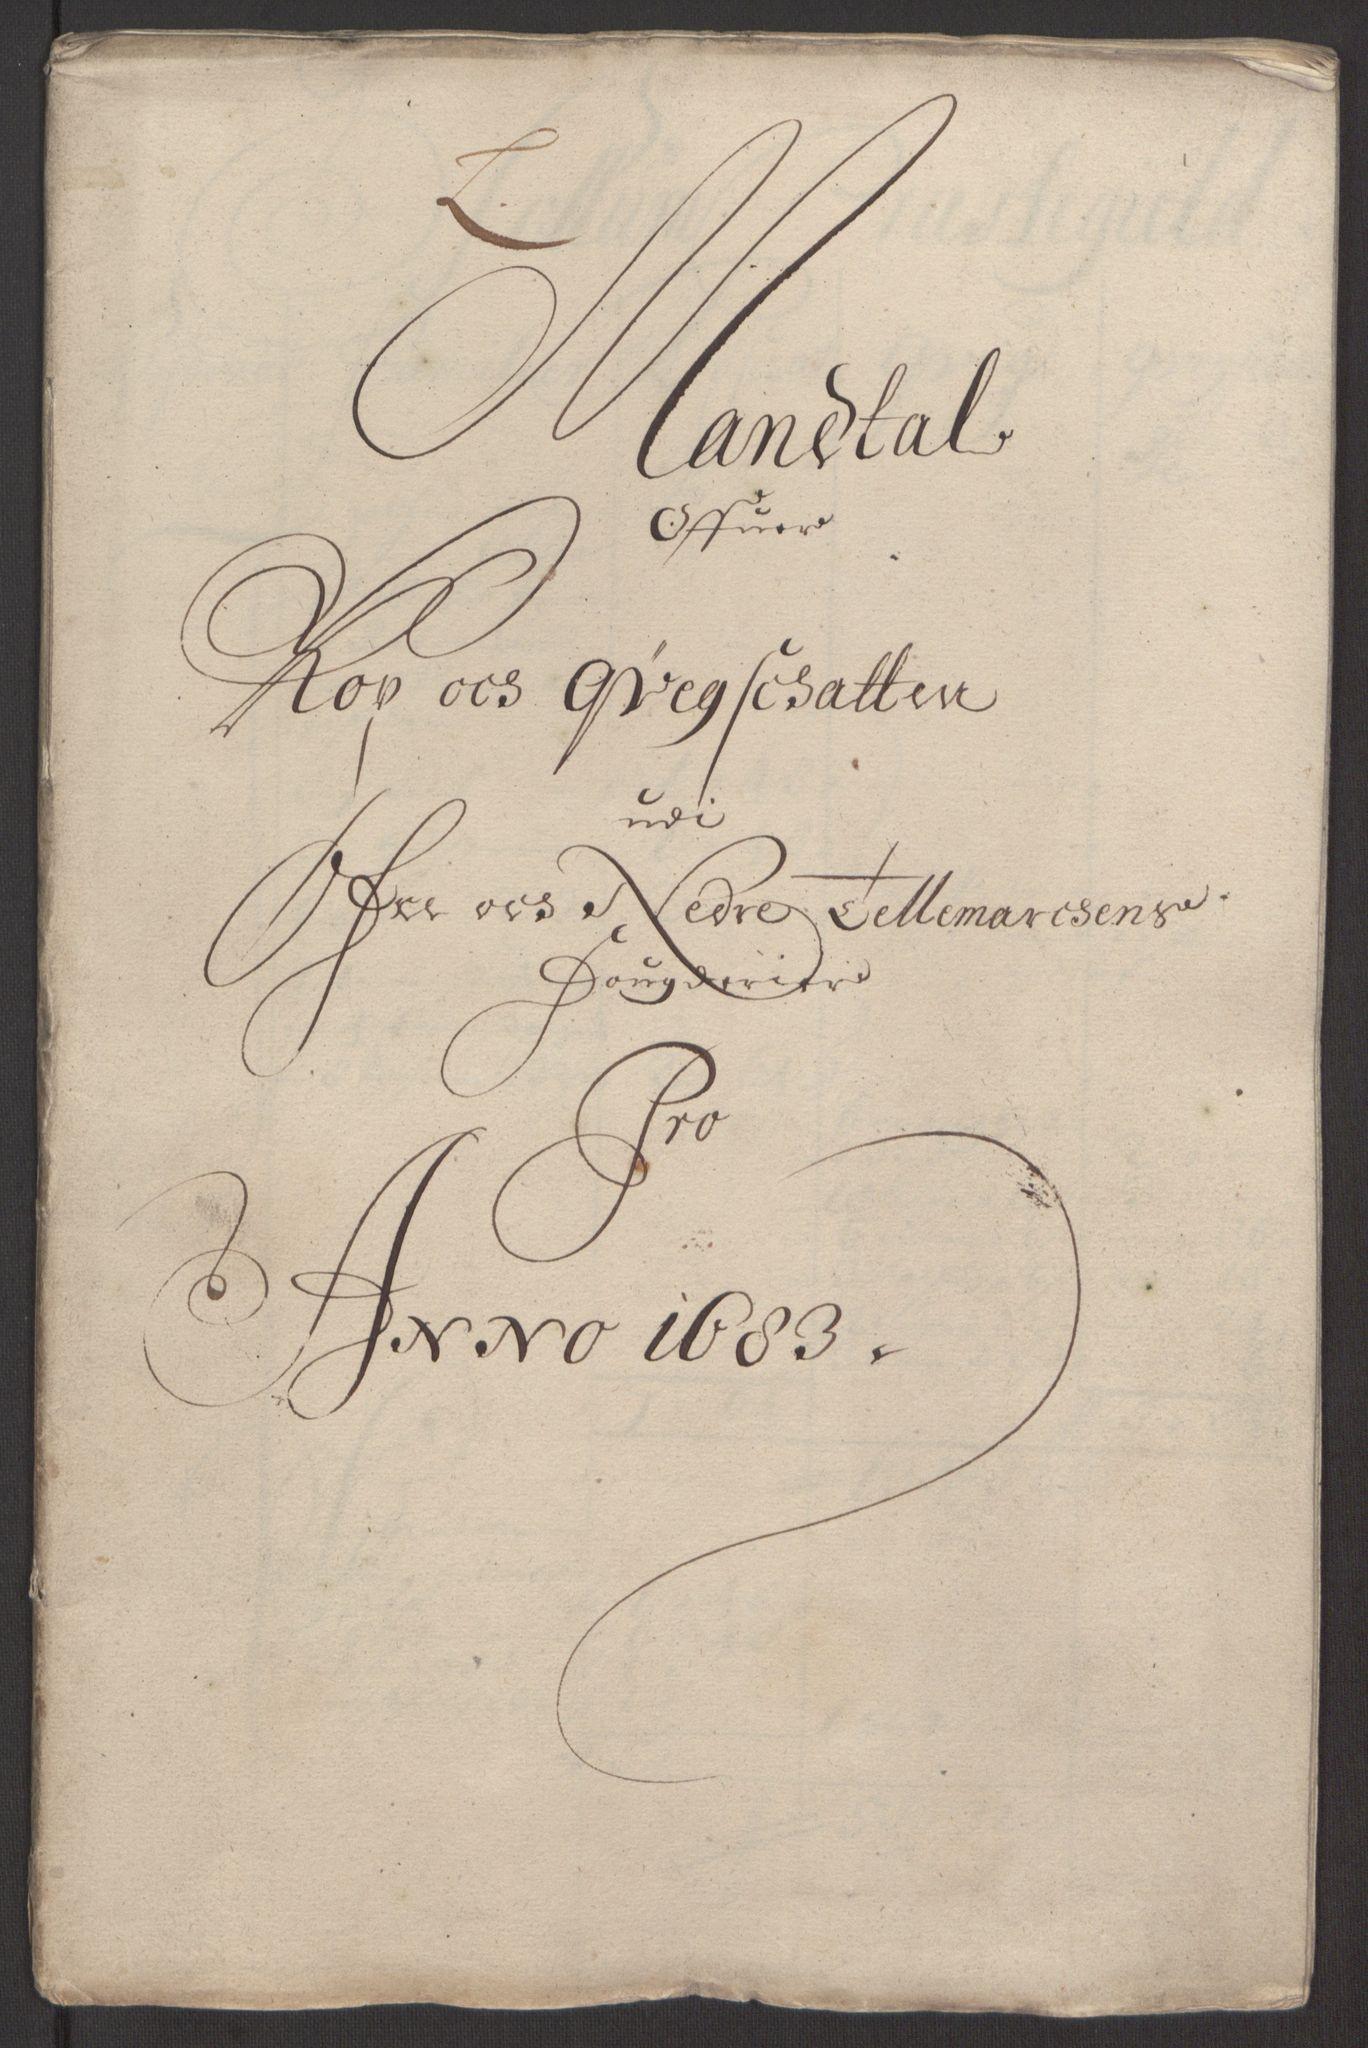 RA, Rentekammeret inntil 1814, Reviderte regnskaper, Fogderegnskap, R35/L2080: Fogderegnskap Øvre og Nedre Telemark, 1680-1684, s. 179